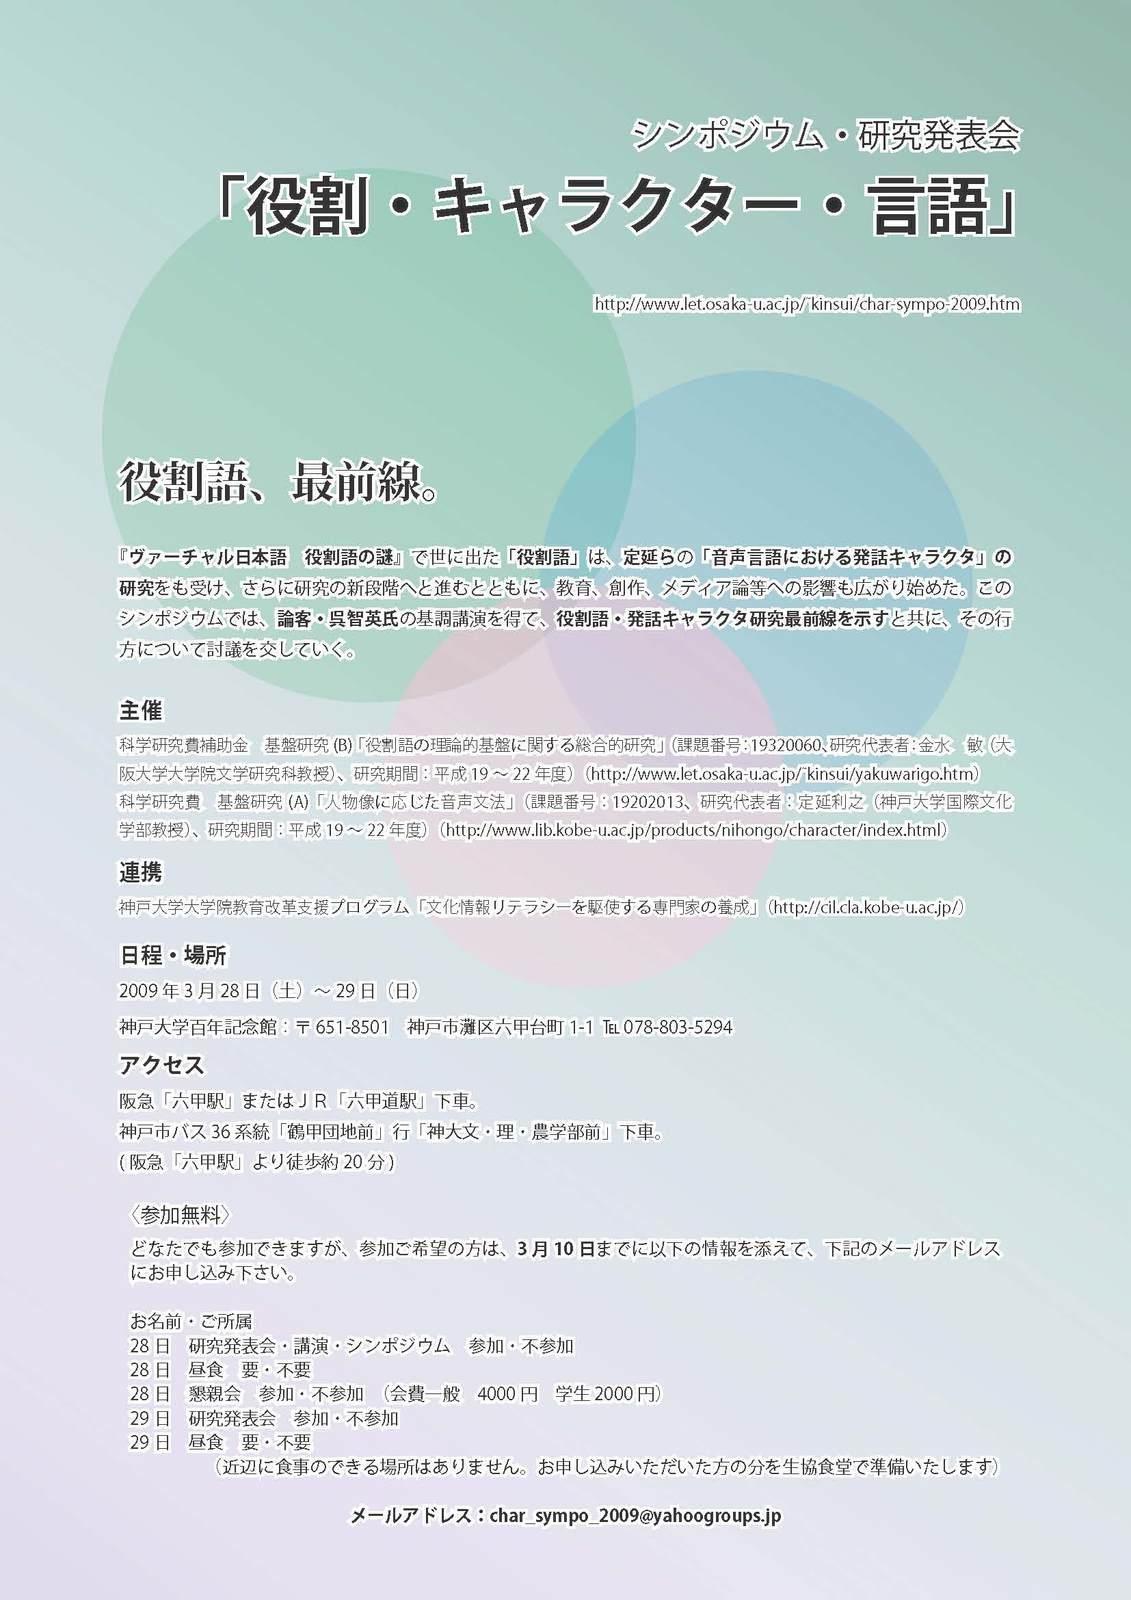 Yakuwarigo_chirashi_page1